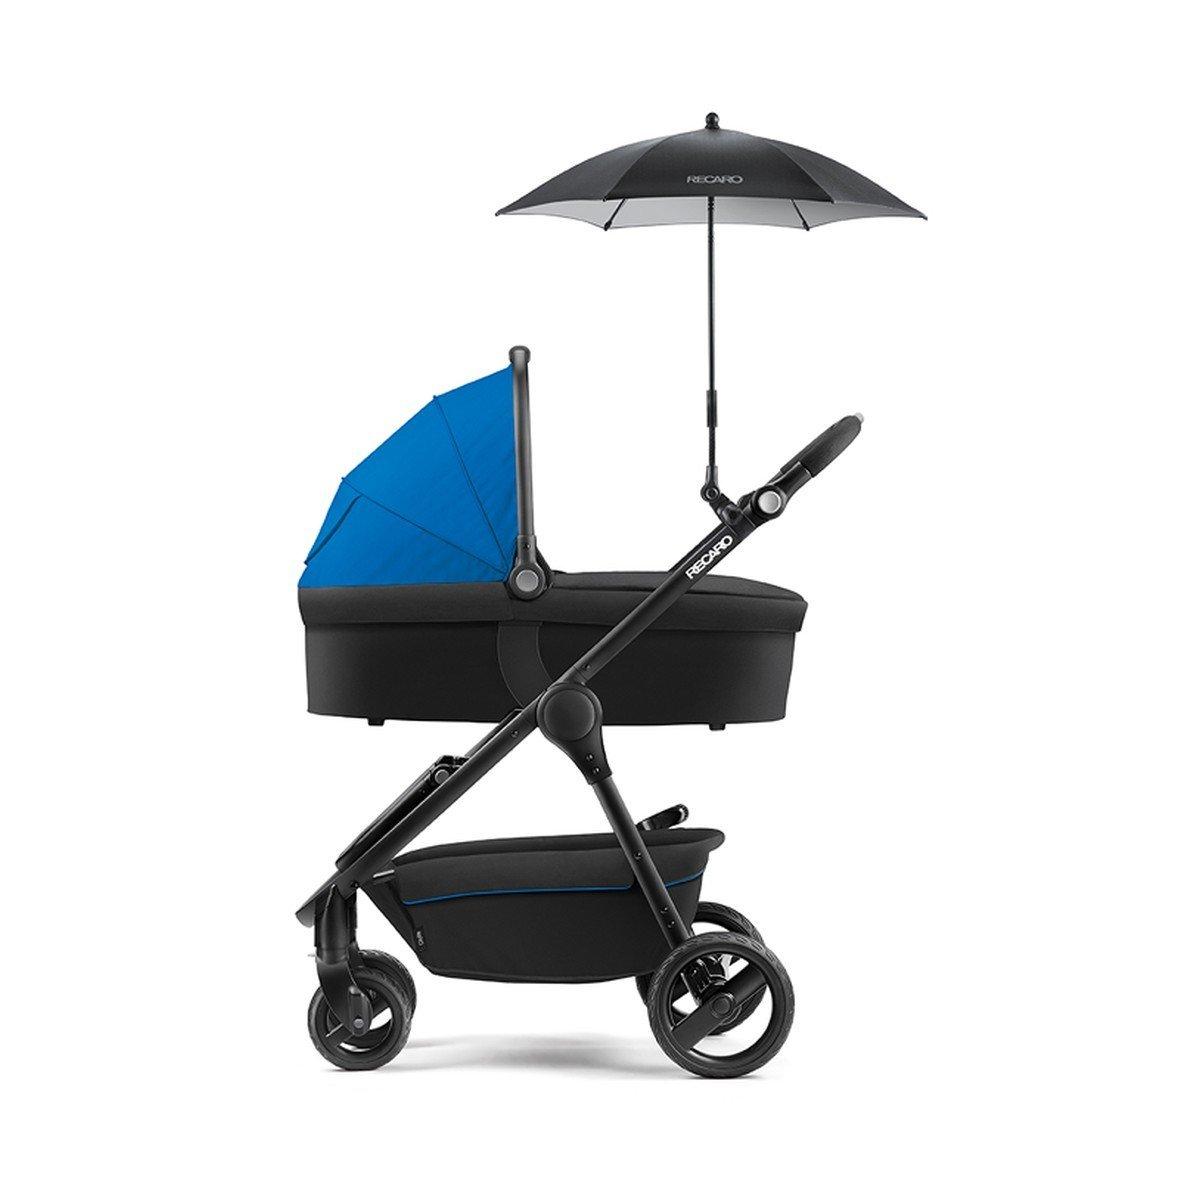 Купить Аксессуары для колясок, Зонтик RECARO EasyLife/CityLife 5654.004.00 ТМ: RECARO, черный